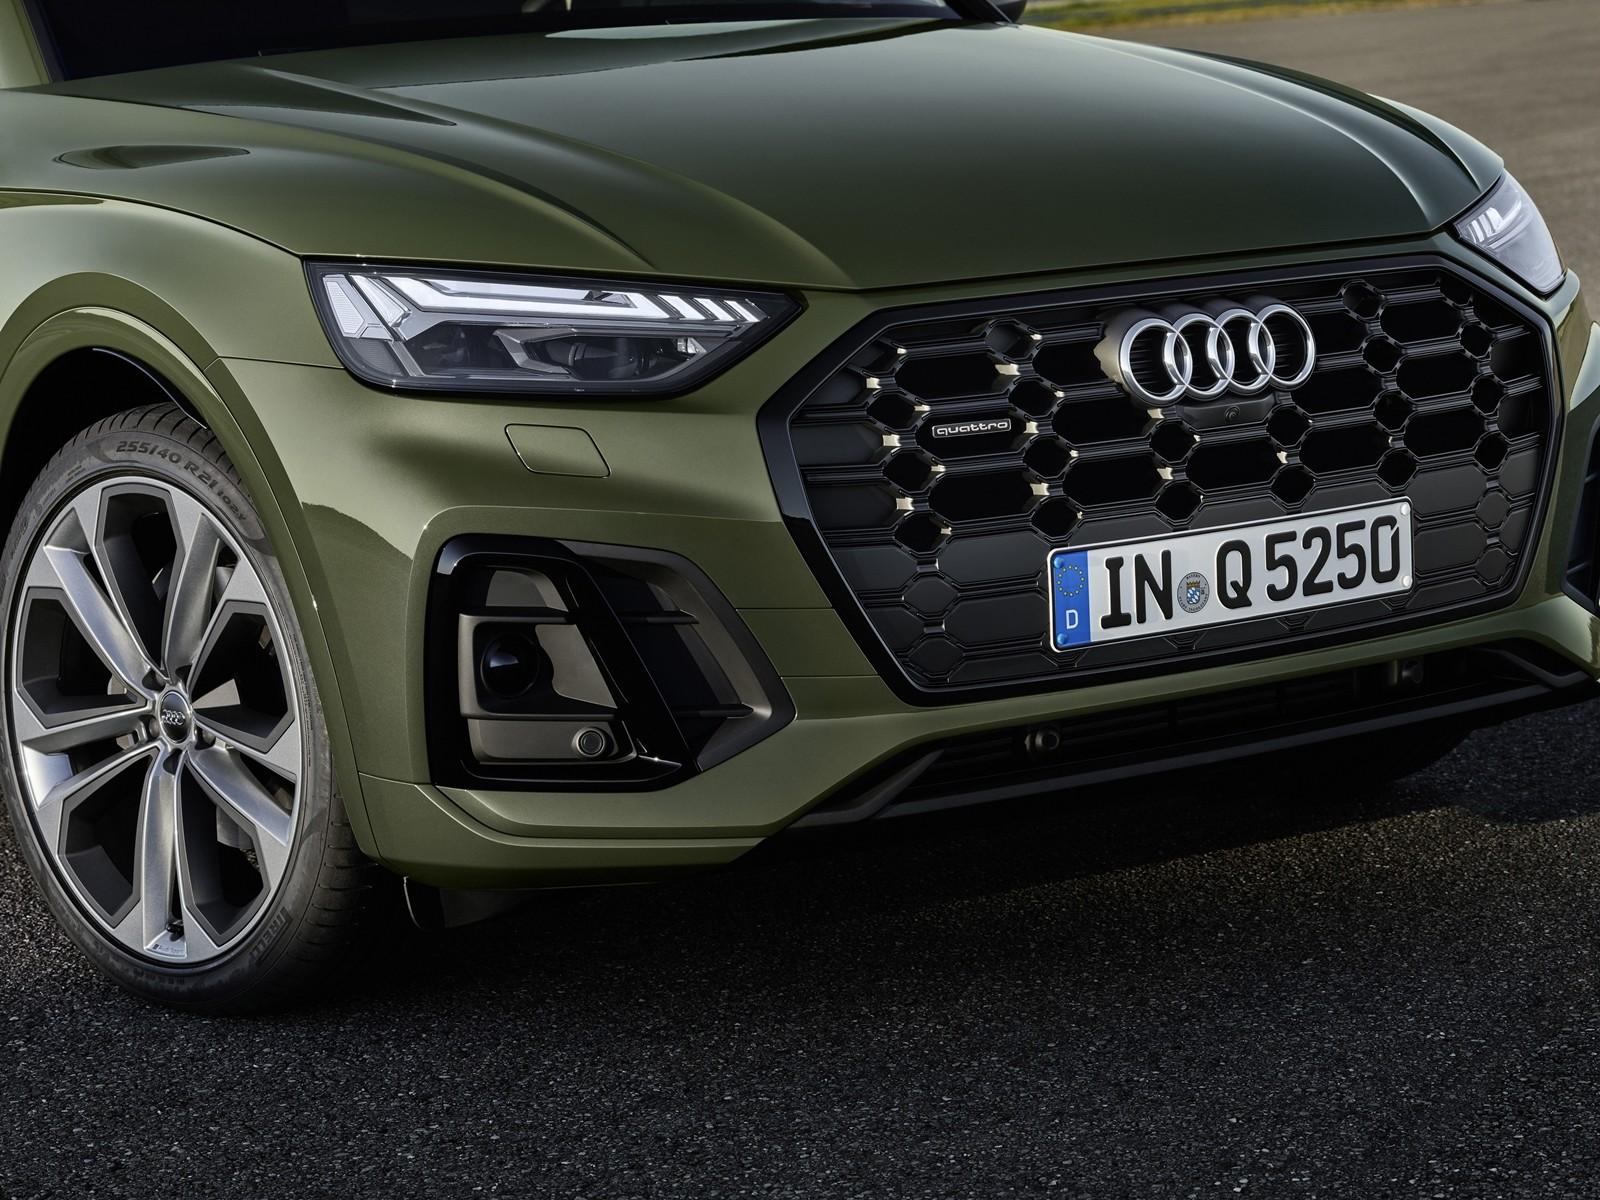 Foto de Audi Q5 2020 (1/61)